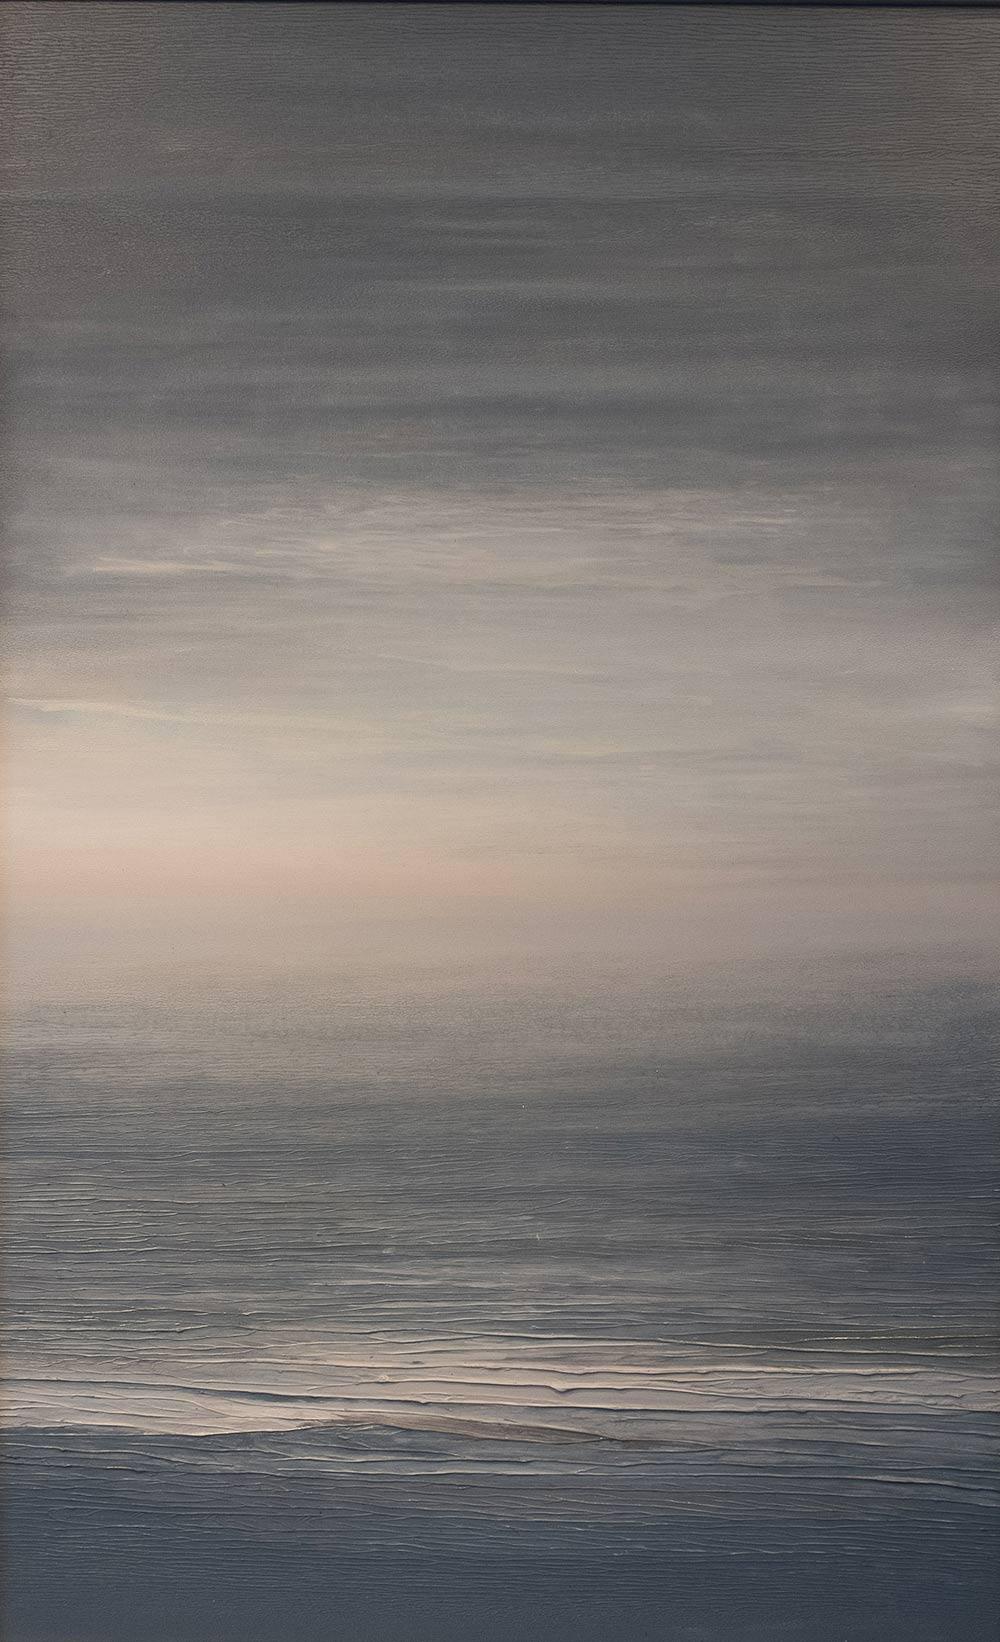 David-Joy-Seascapes-D19-013-76